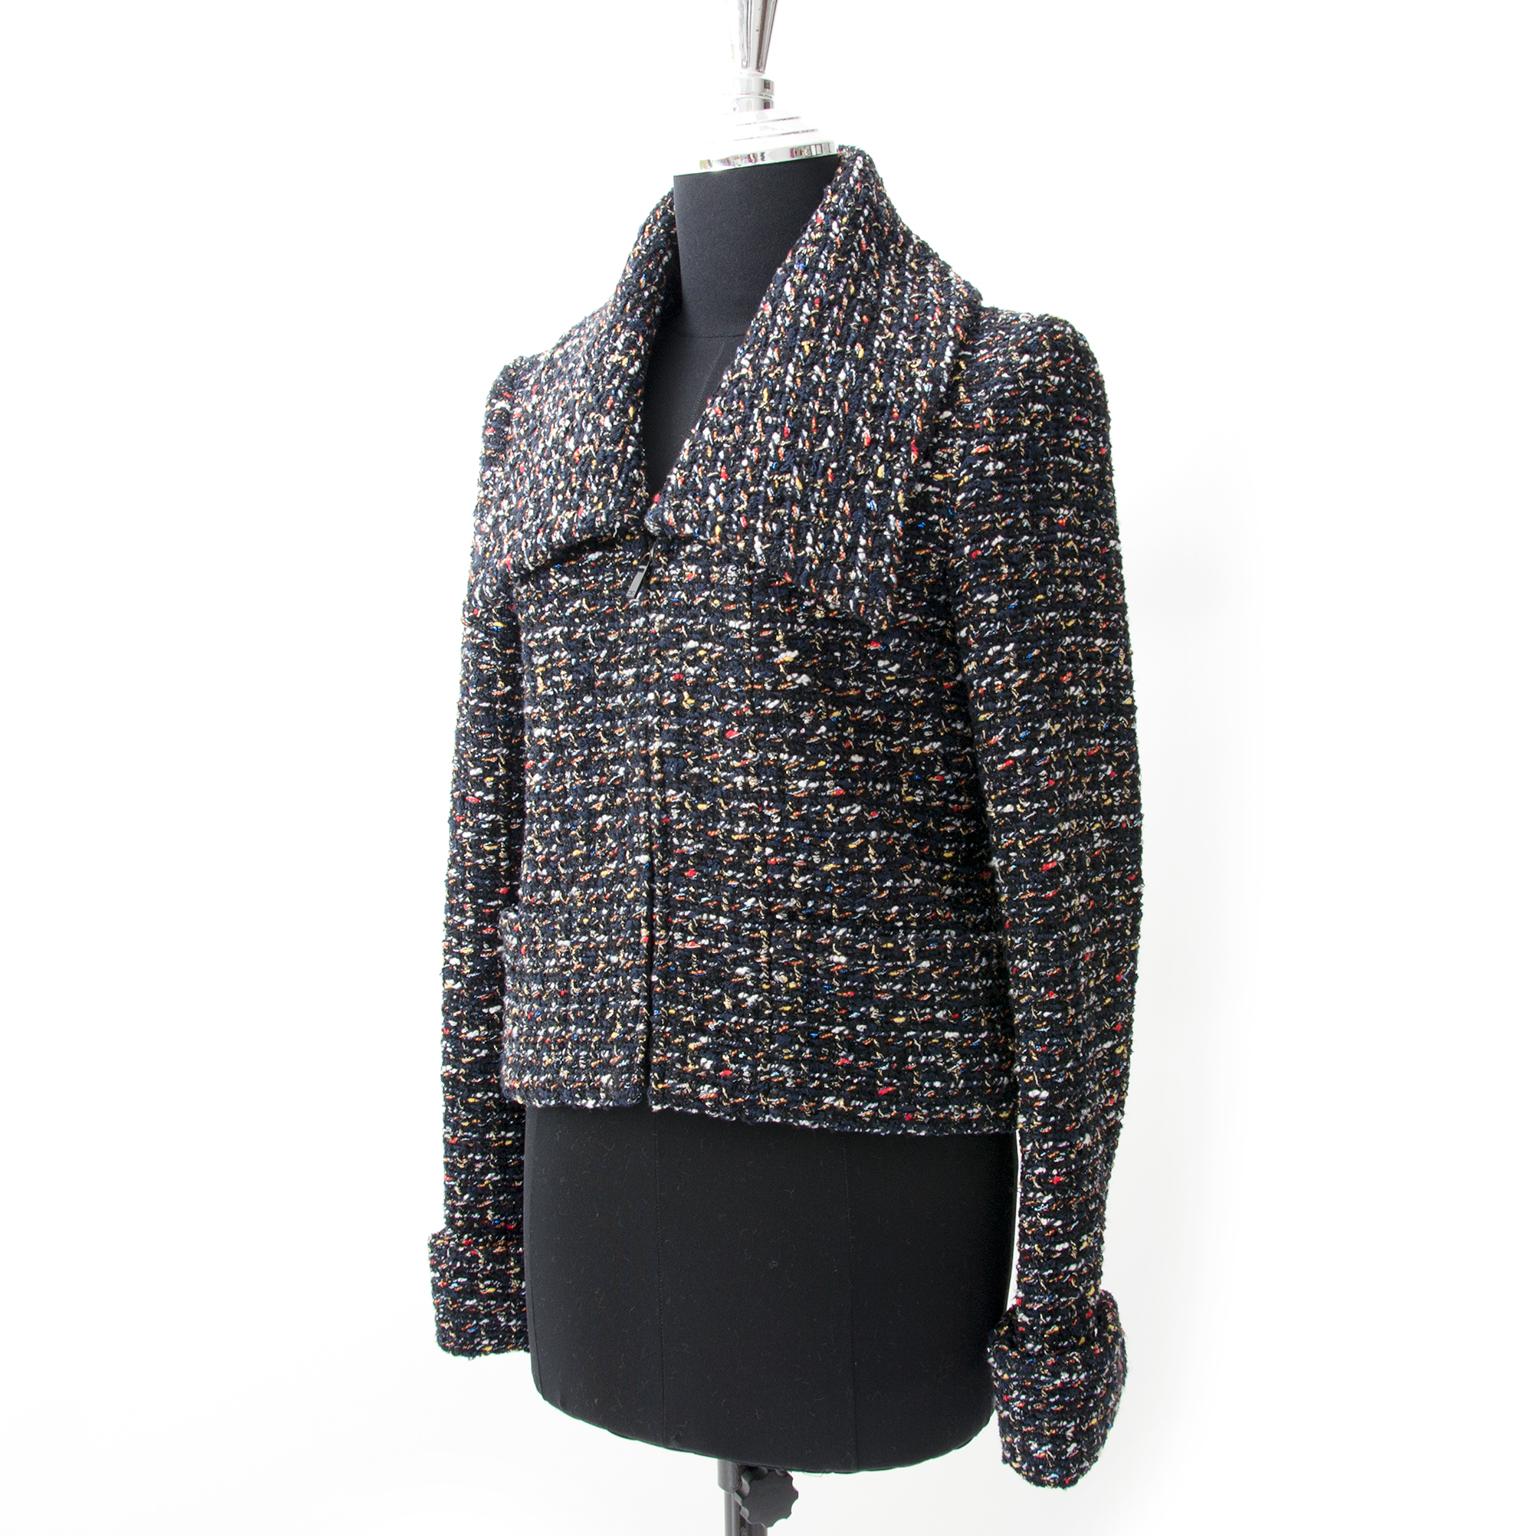 acheter en ligne pour le meilleur prix Chanel Tweed Boucle Zipper Jacket neuf 100% authentic